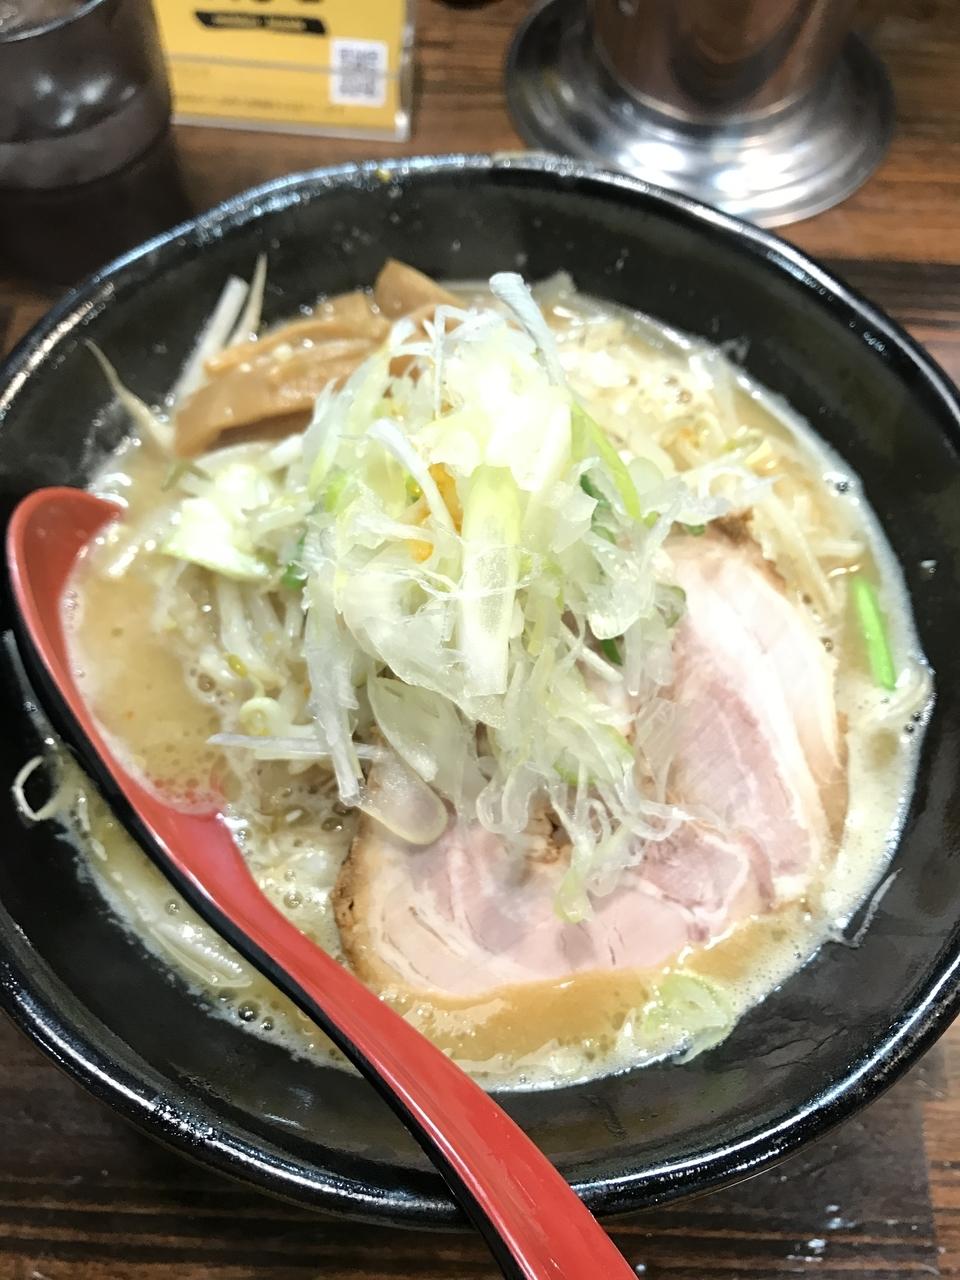 【池袋】厳選おすすめラーメン店5選!濃厚魚介つけ麺から鶏の旨みが凝縮されたスープまで